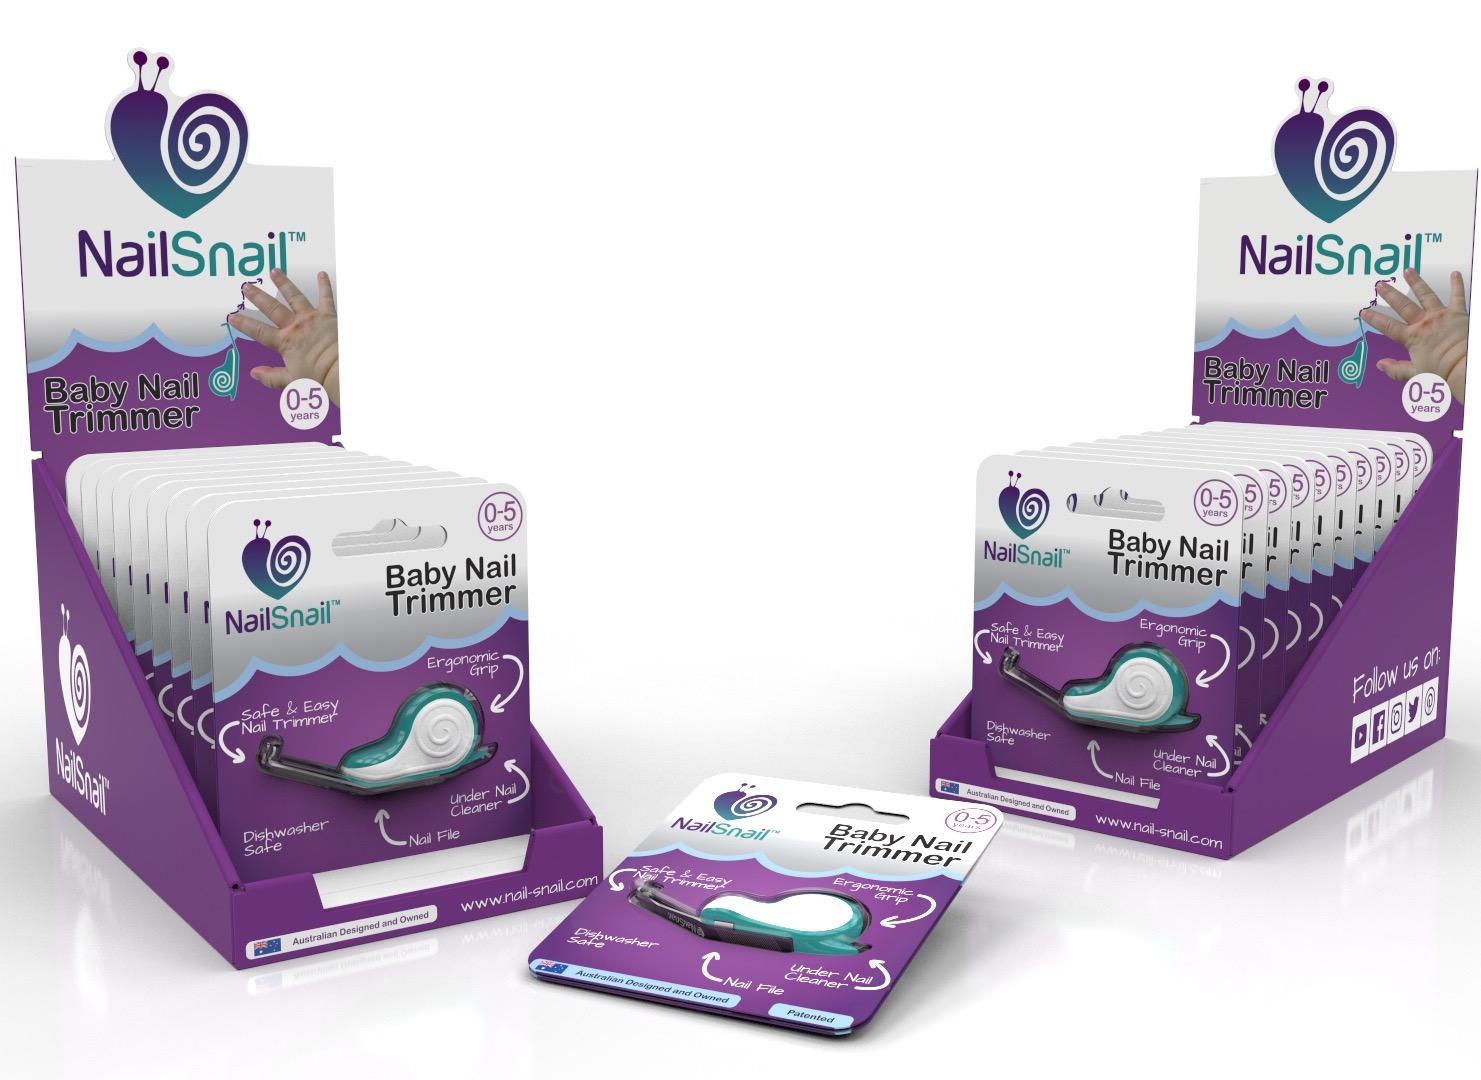 Nail Snail SRC Boxes